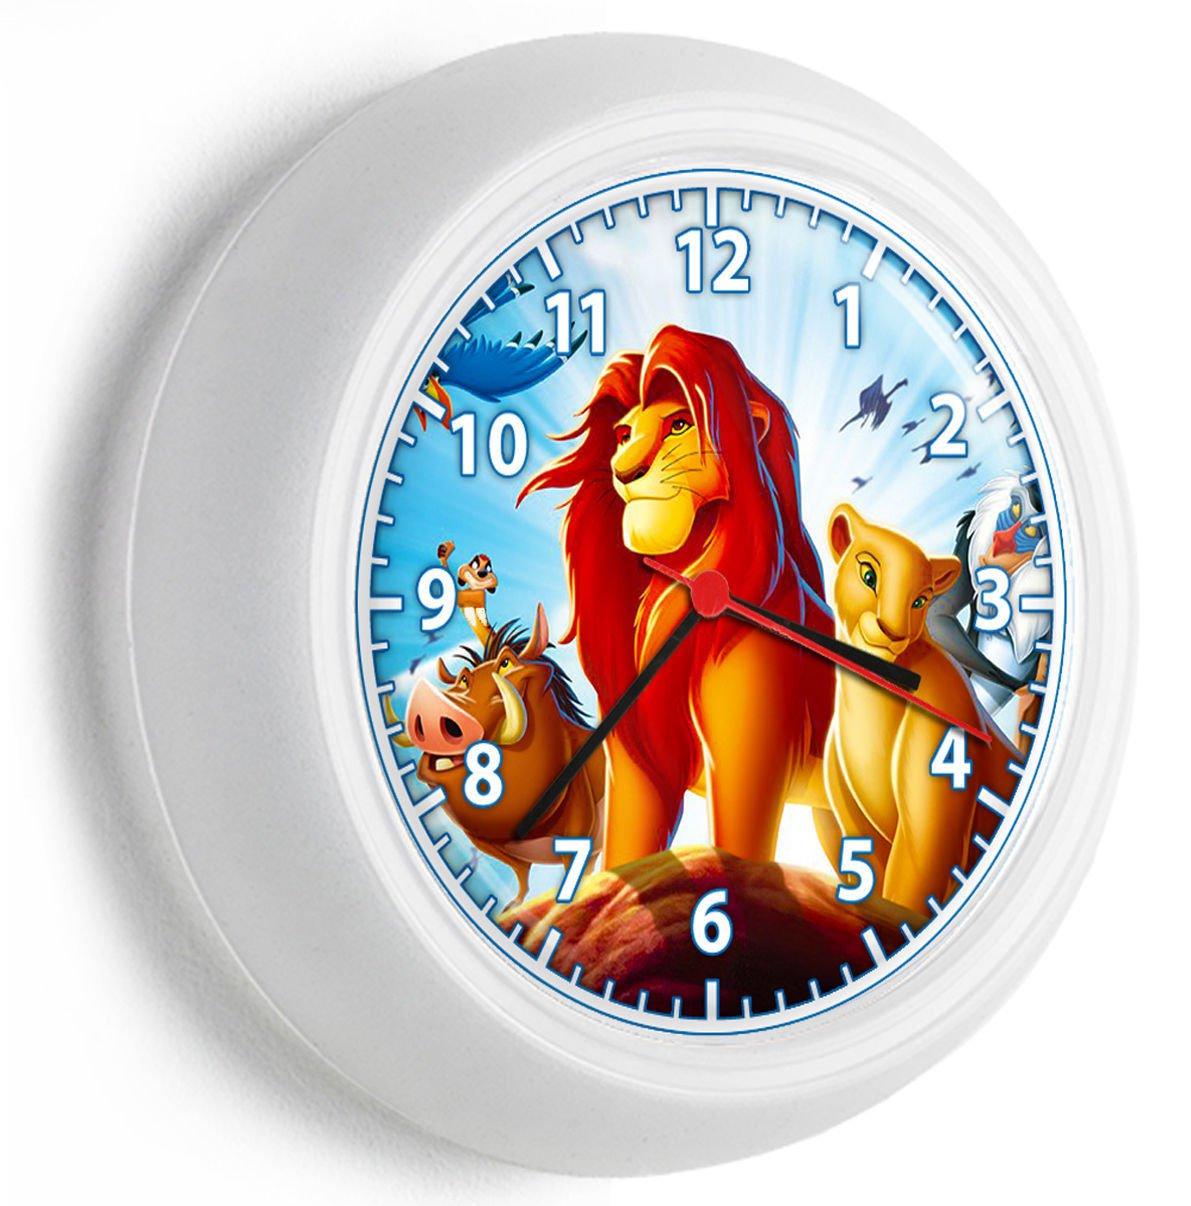 LION KING SIMBA NALA TIMON AND PUMBA WALL CLOCK GIRLS BOYS BEDROOM BEDROOM DECOR